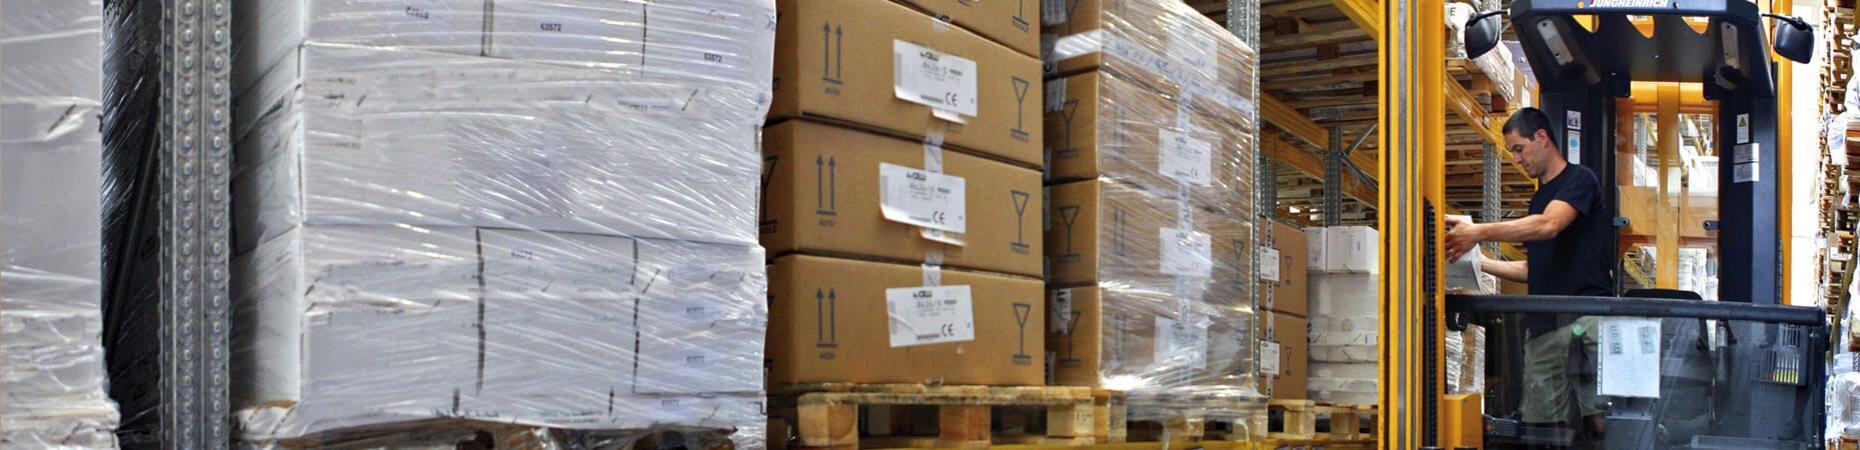 ecoservice-ferrara it servizi-logistica-magazzino-ferrara 005